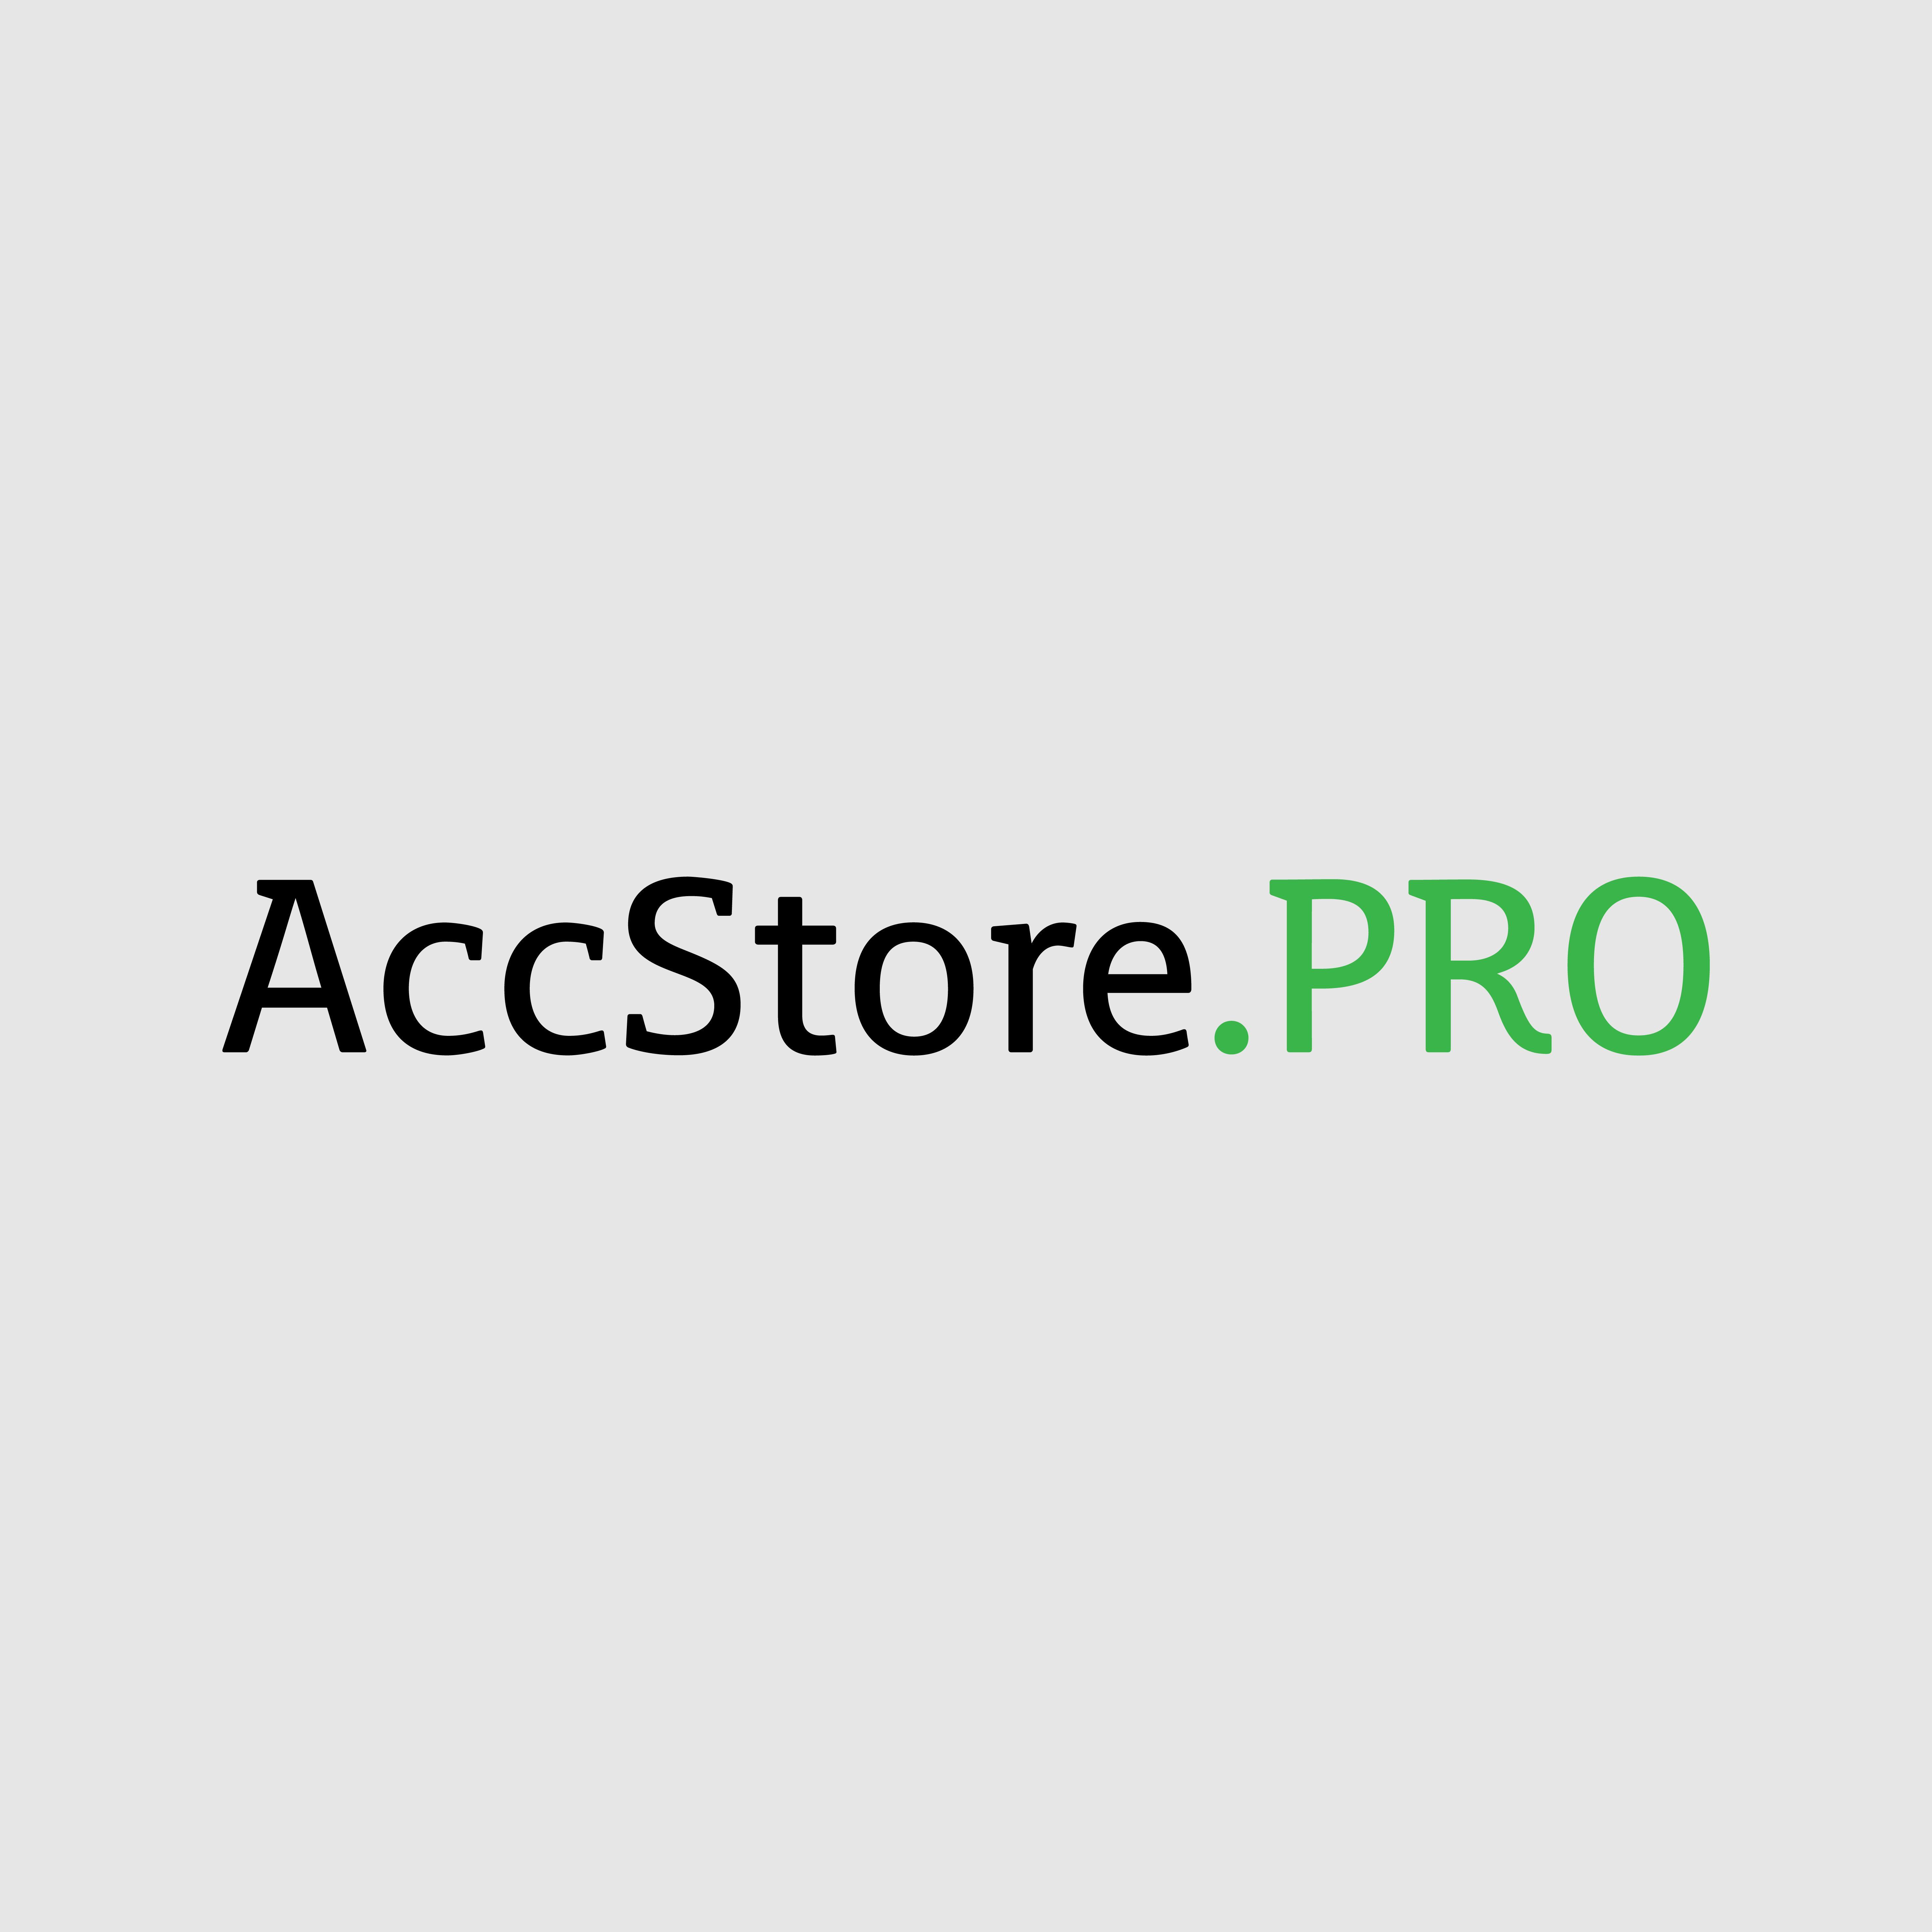 Логотип для магазина аккаунтов - дизайнер ErmolenkoDanila